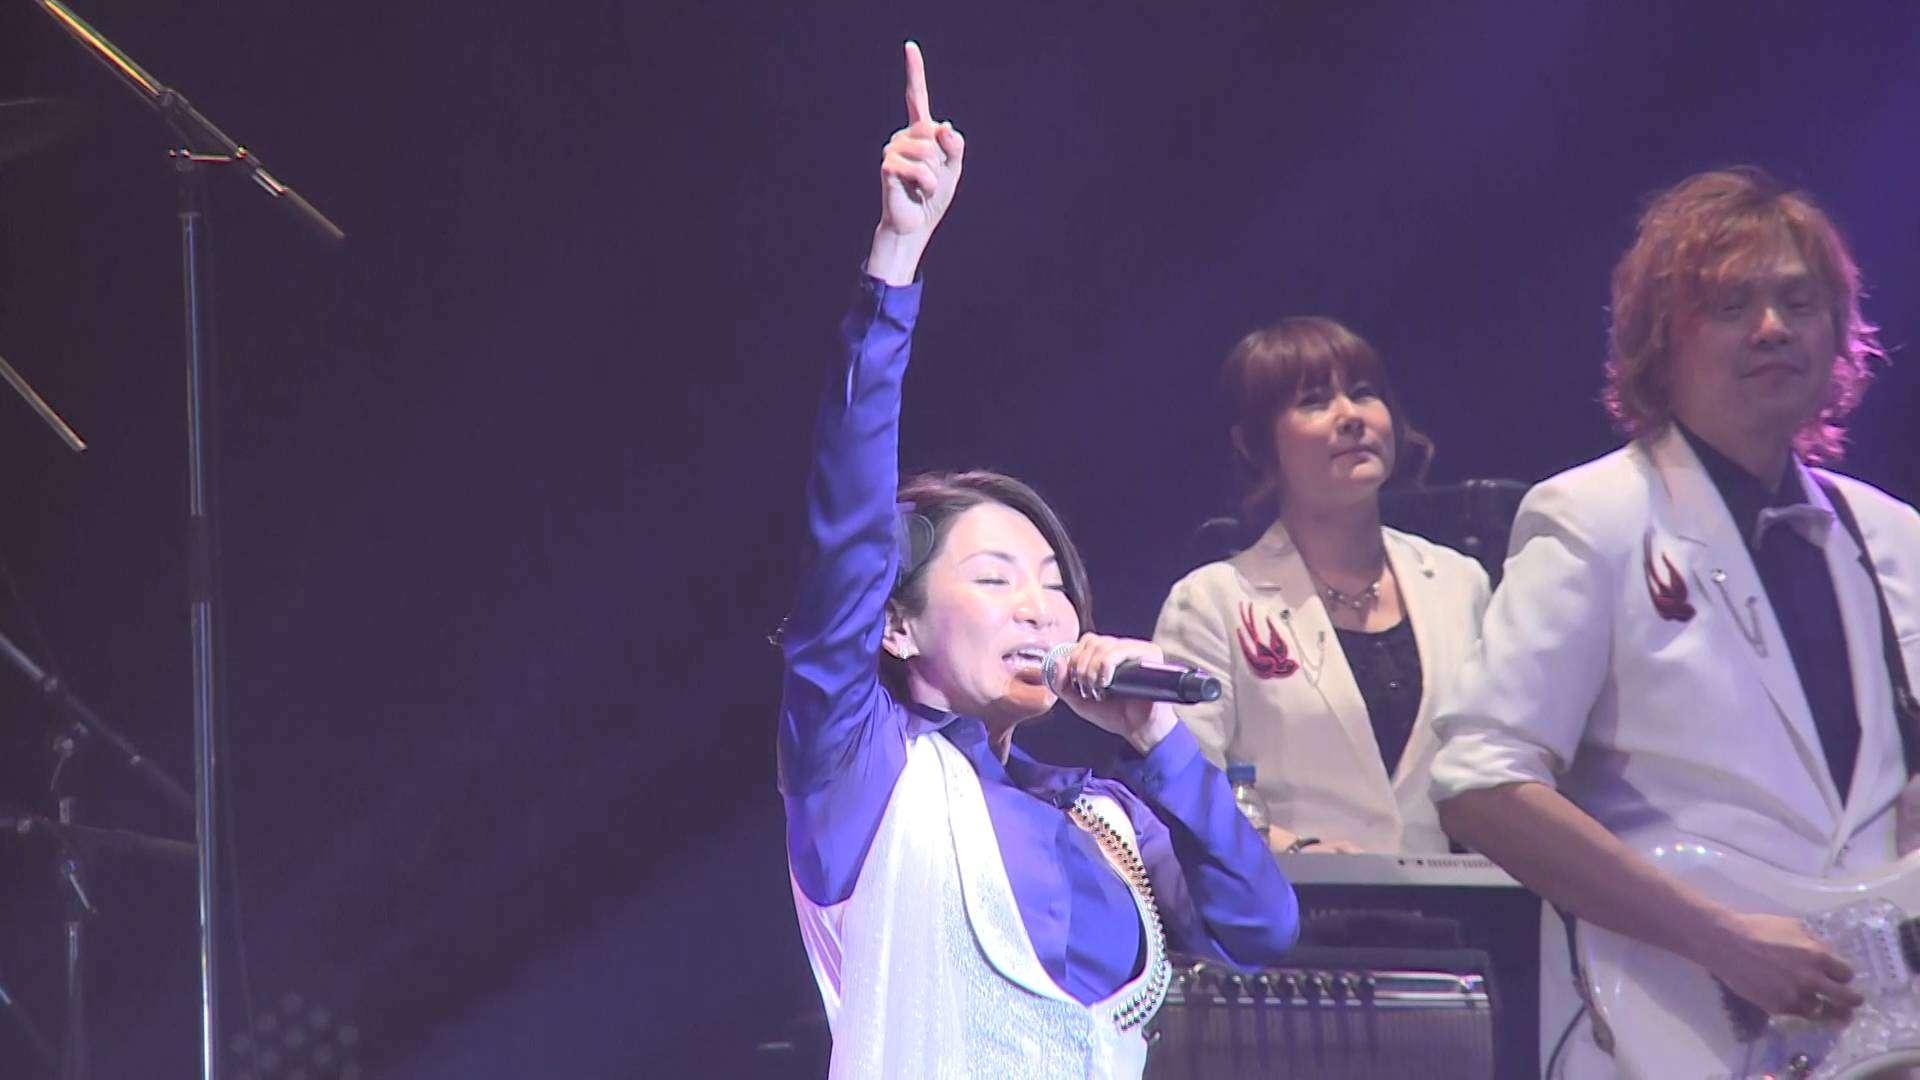 【ロマンスの神様 キー上げVer】Winter Tour 2016〜出会いの奇跡を大切に〜 - YouTube